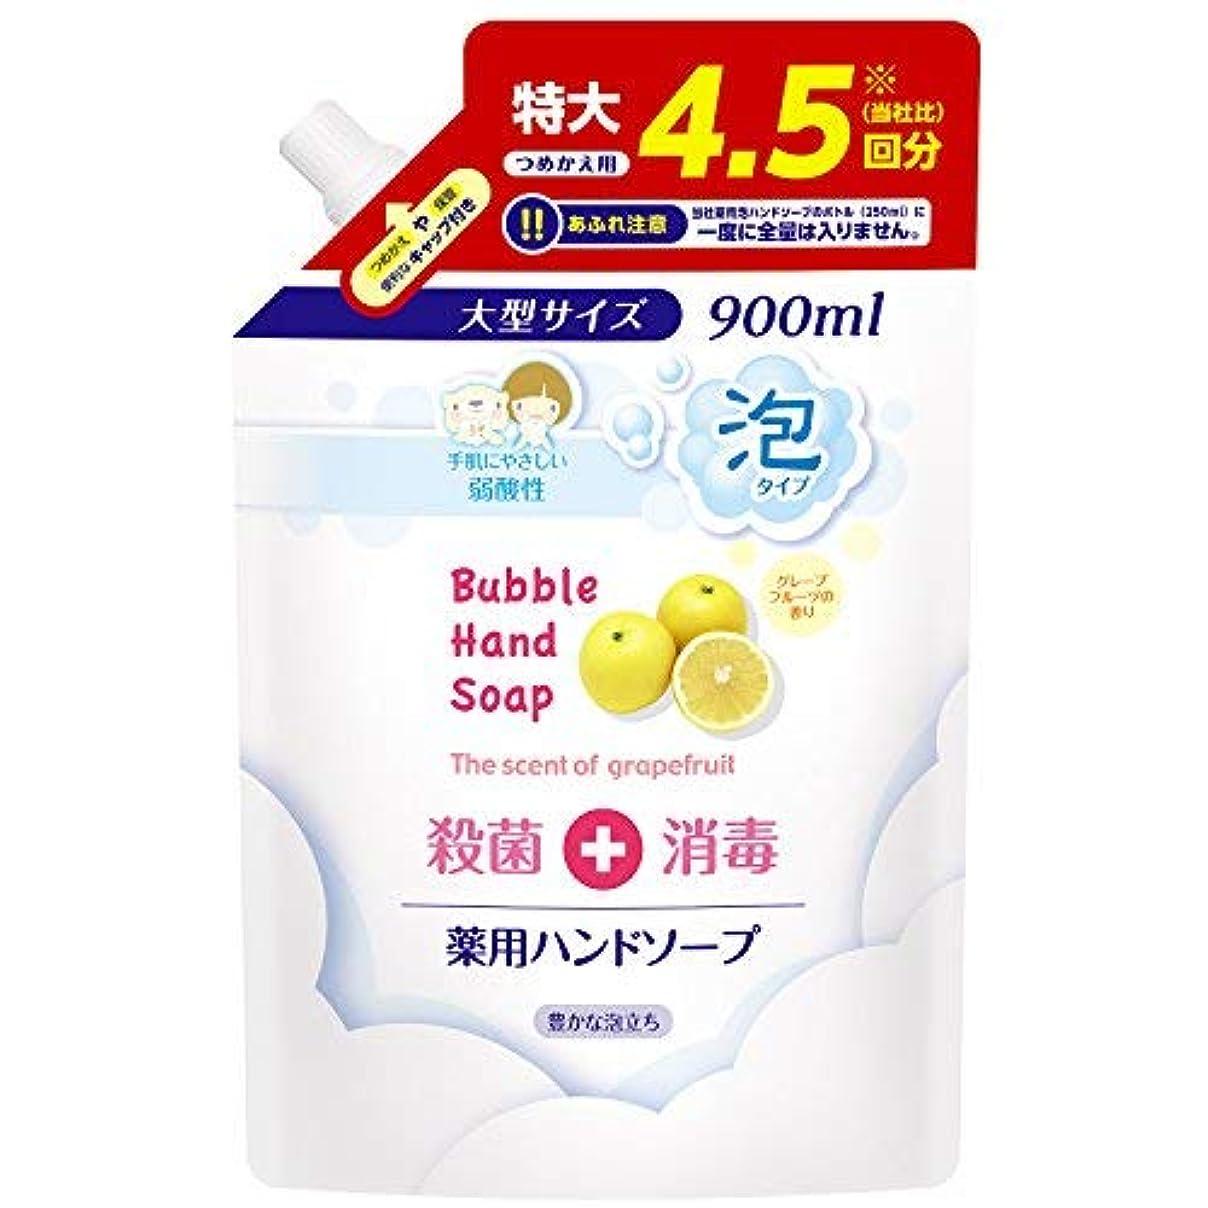 ジョリーミュウミュウペット第一薬用泡ハンドソープ詰替用 × 3個セット